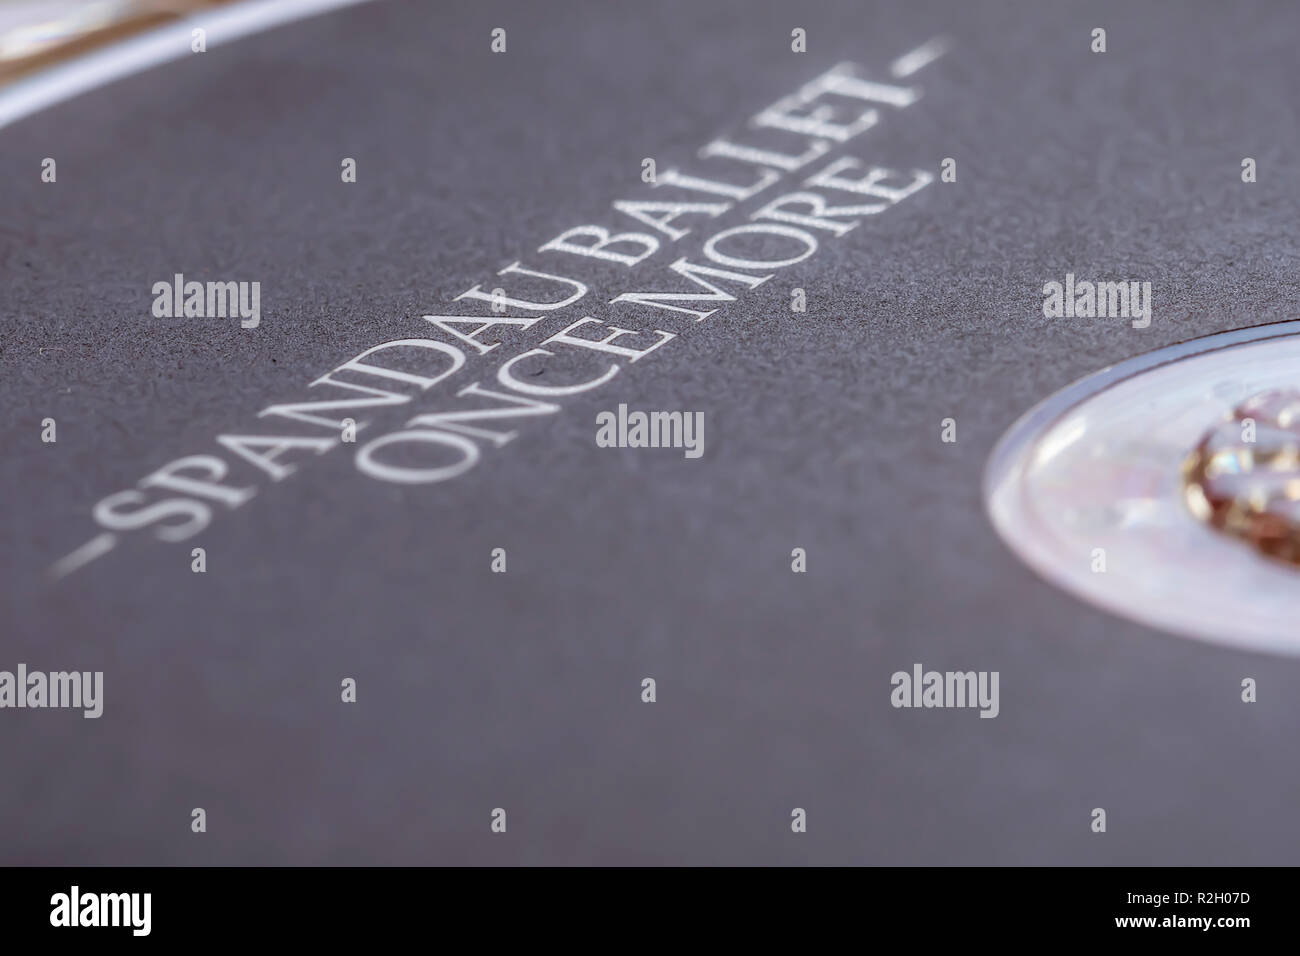 Primer plano de la parte superior de un CD (disco compacto), 'una vez más' de Spandau Ballet. Soporte de música disco compacto. Imagen De Stock